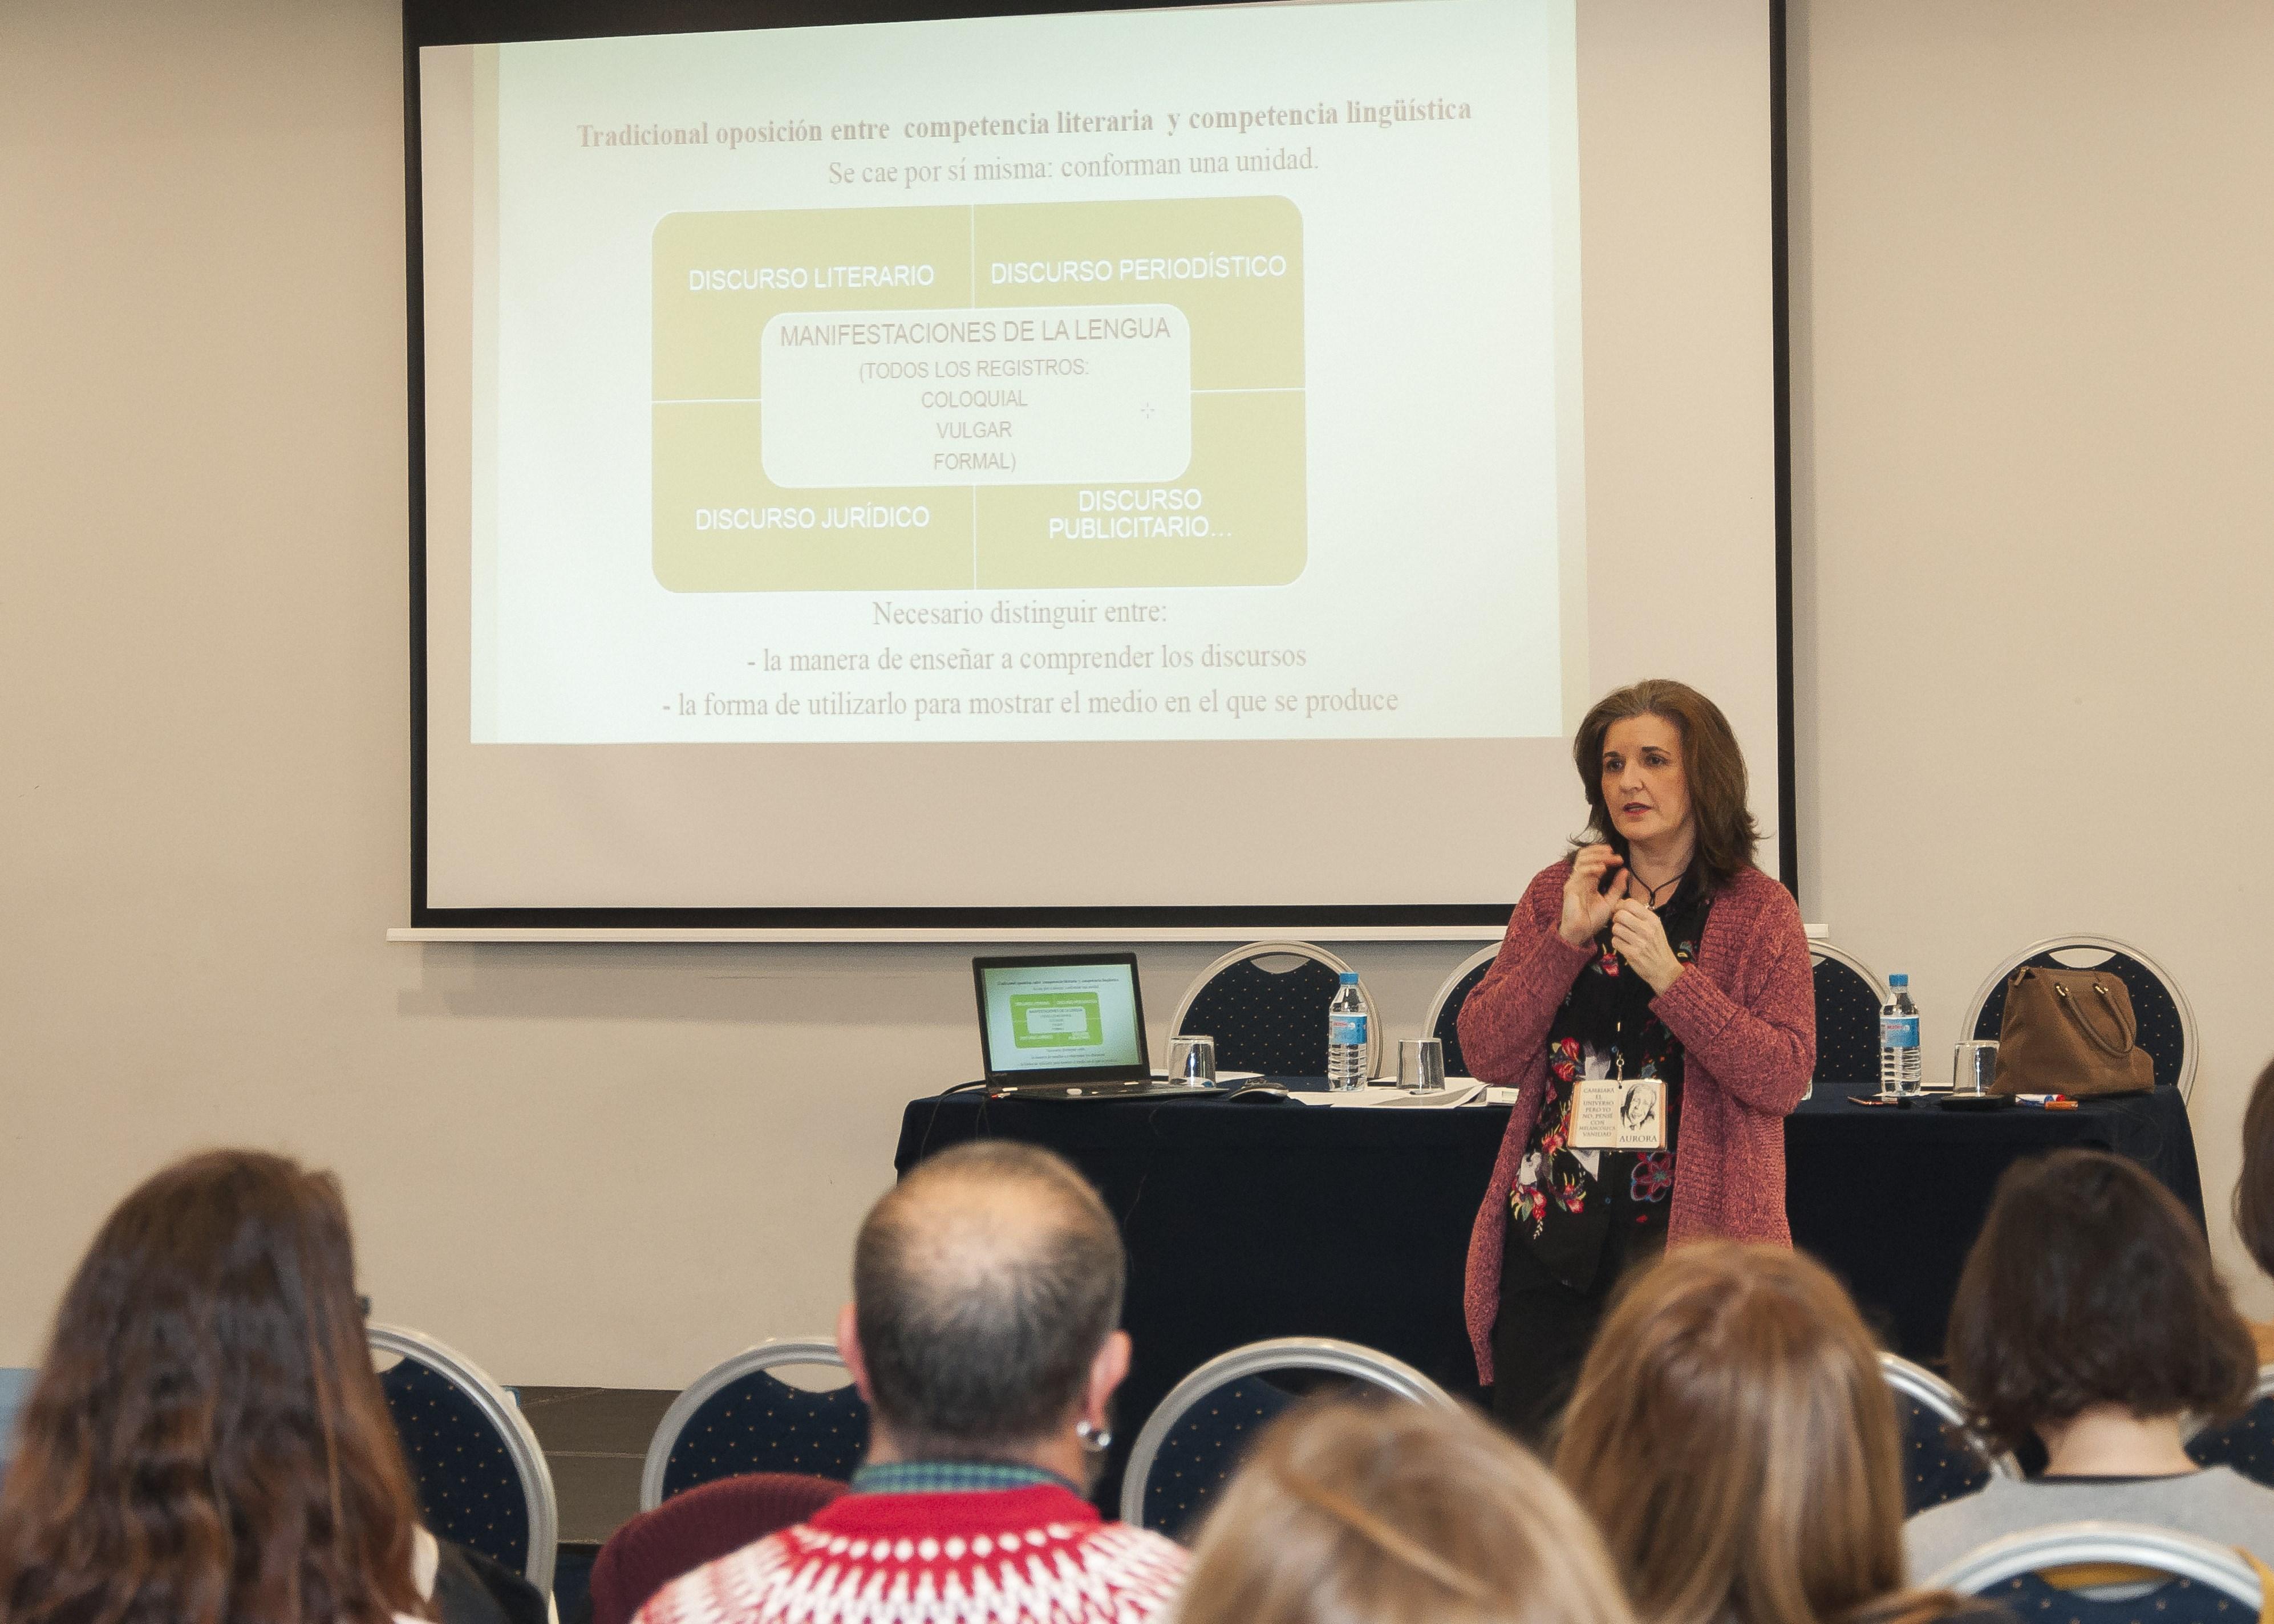 La profesora del Centro de Lenguas Modernas Aurora Biedma, durante su ponencia en el IX Foro Nacional FONCEI celebrado en Málaga el 25 y 26 de enero pasados.